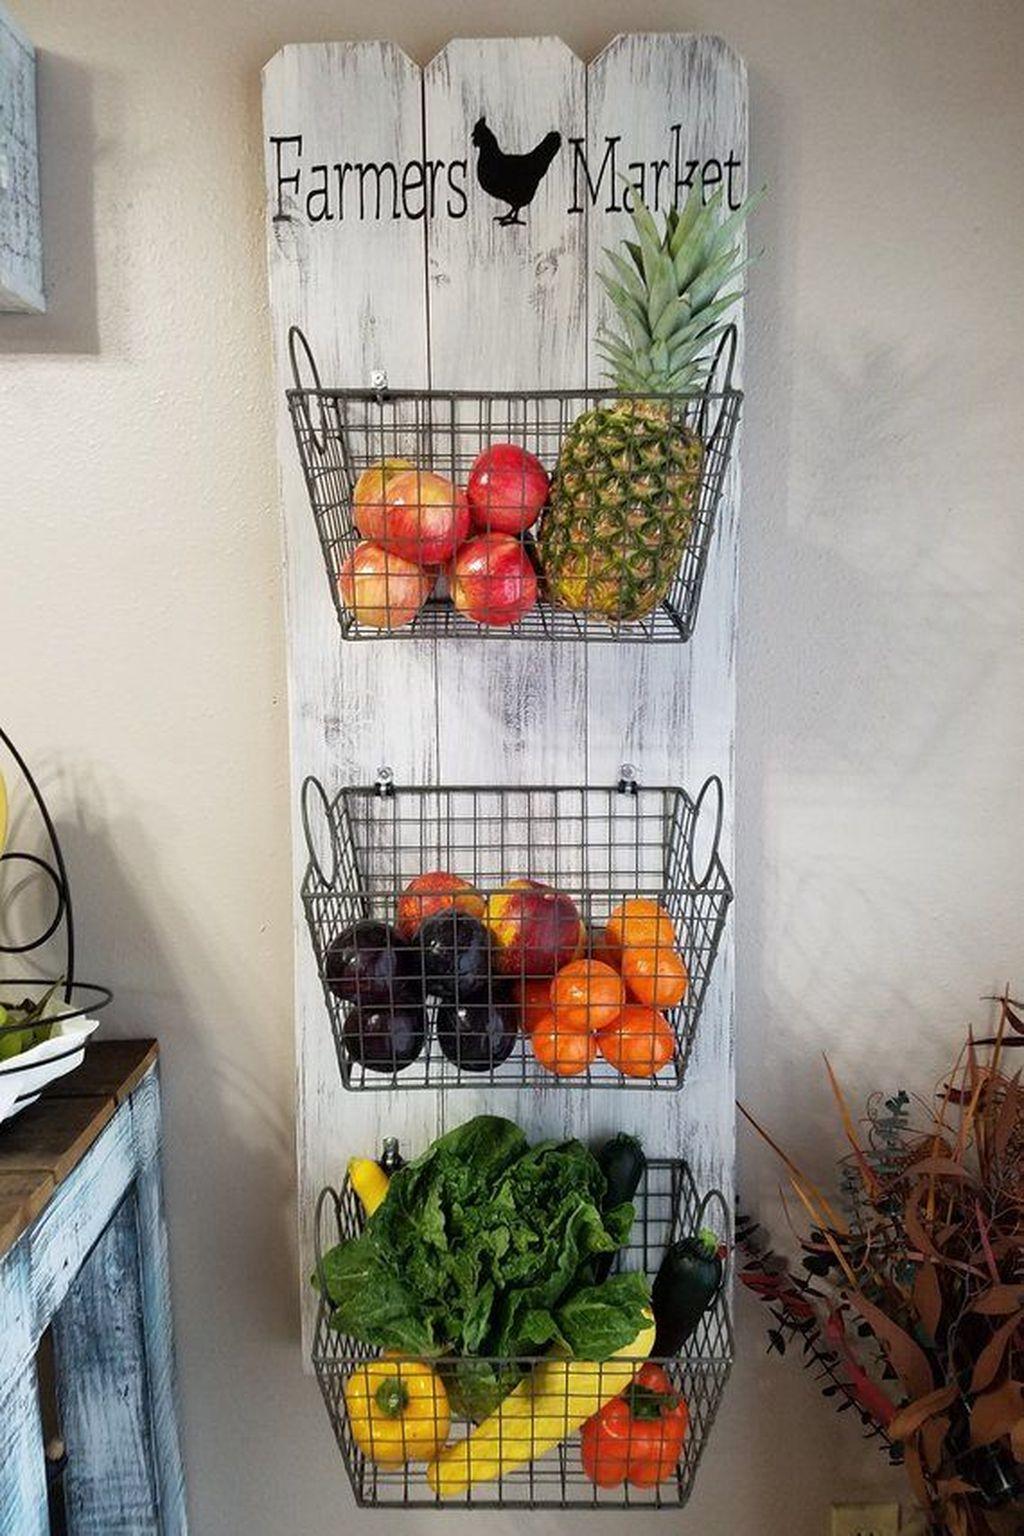 Amazing Organized Farmhouse Kitchen Decor Ideas 37